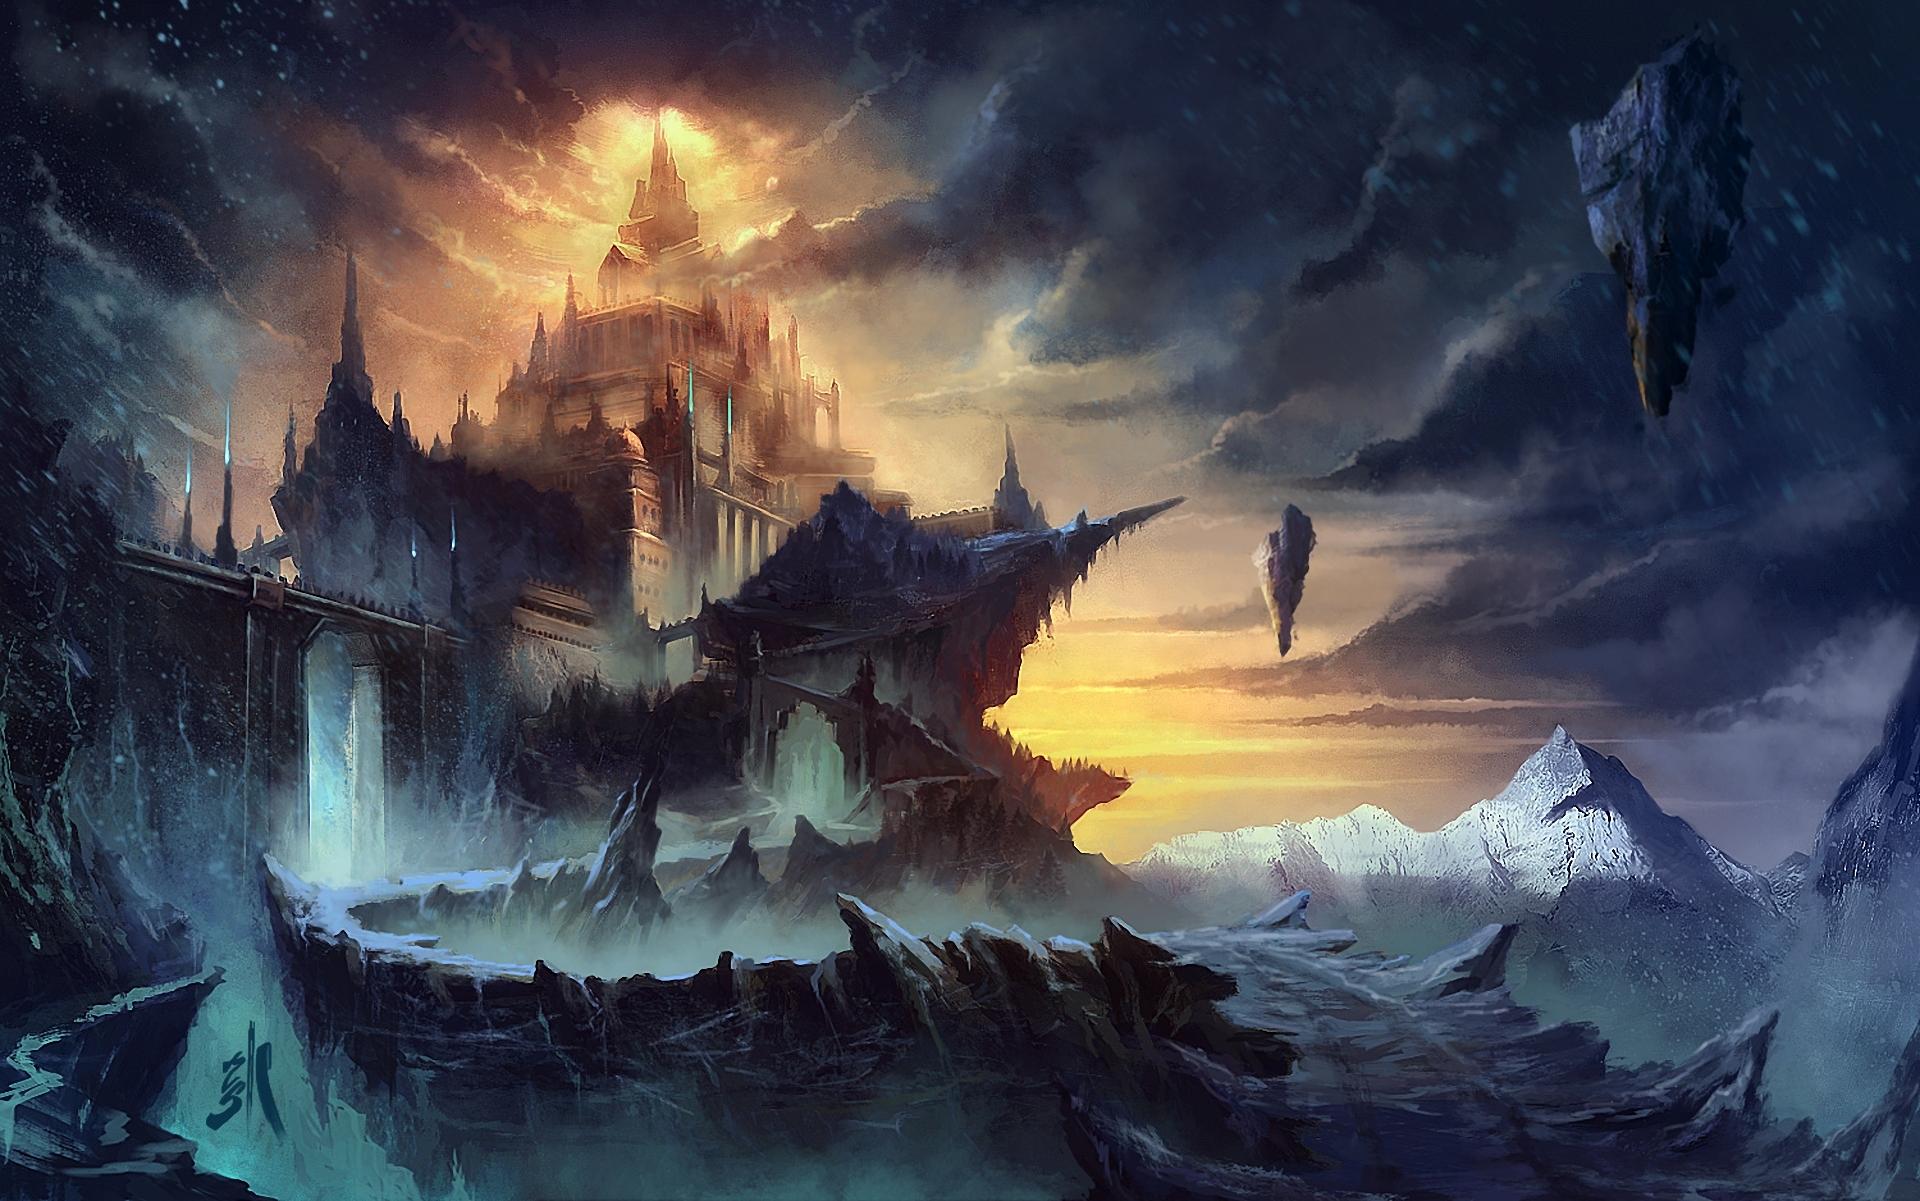 Замок в лучах света  № 917222  скачать